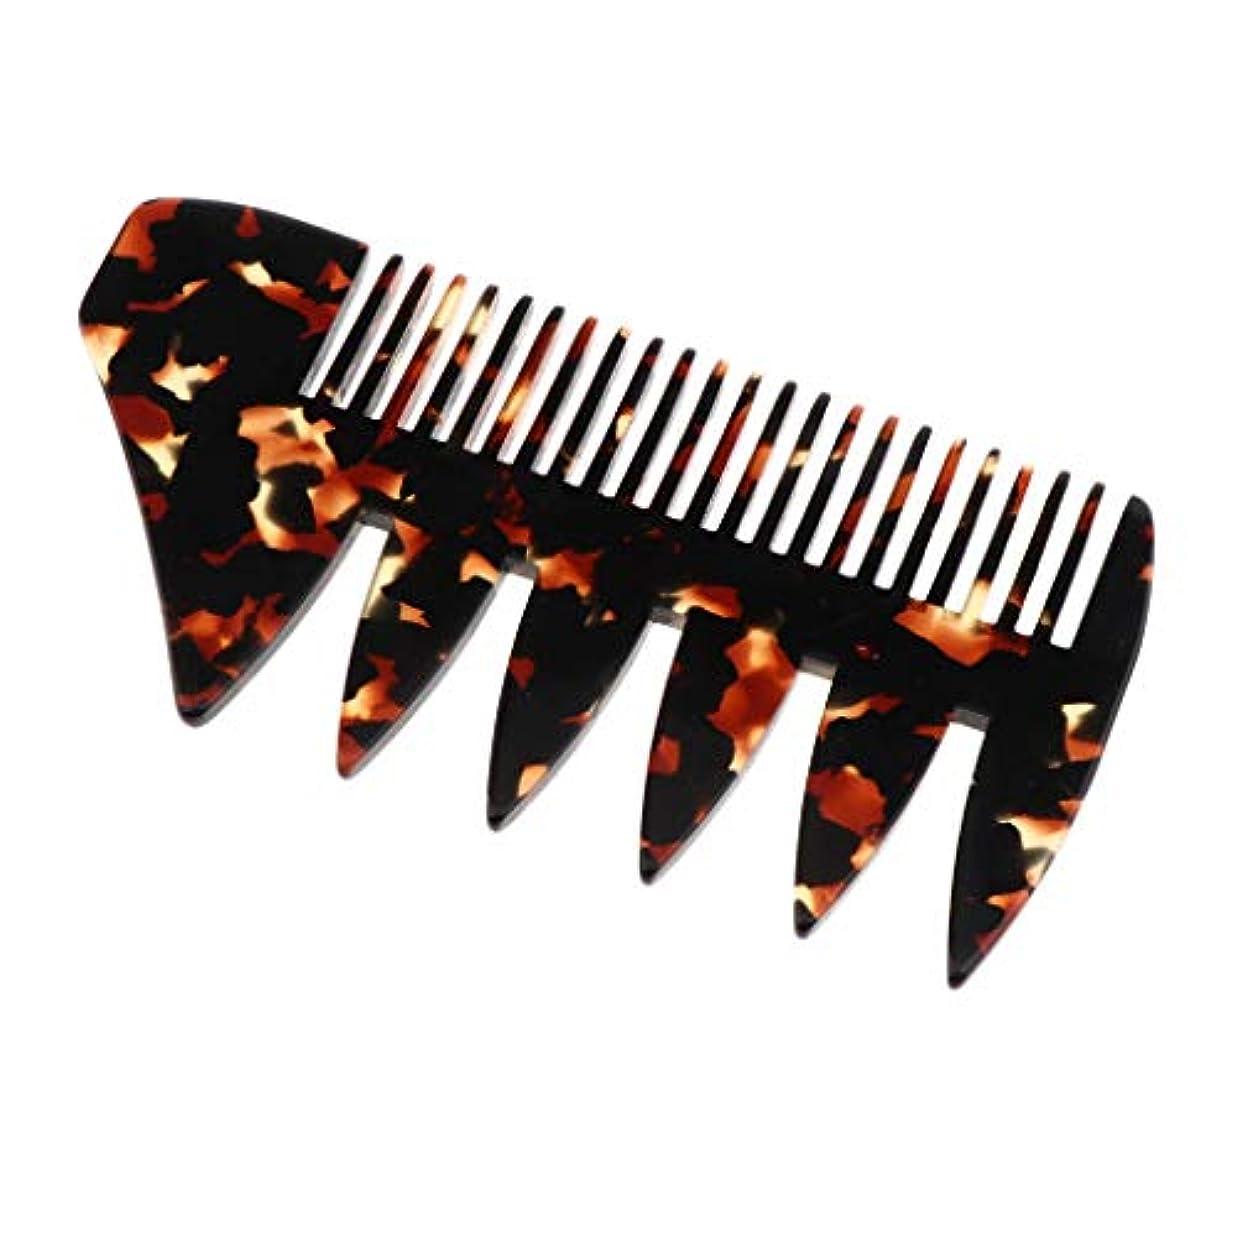 モバイル舗装未亡人全4色選択 ヘアコーム ヘアブラシ 頭皮マッサージ 広い歯 木製櫛 帯電防止 - 黒